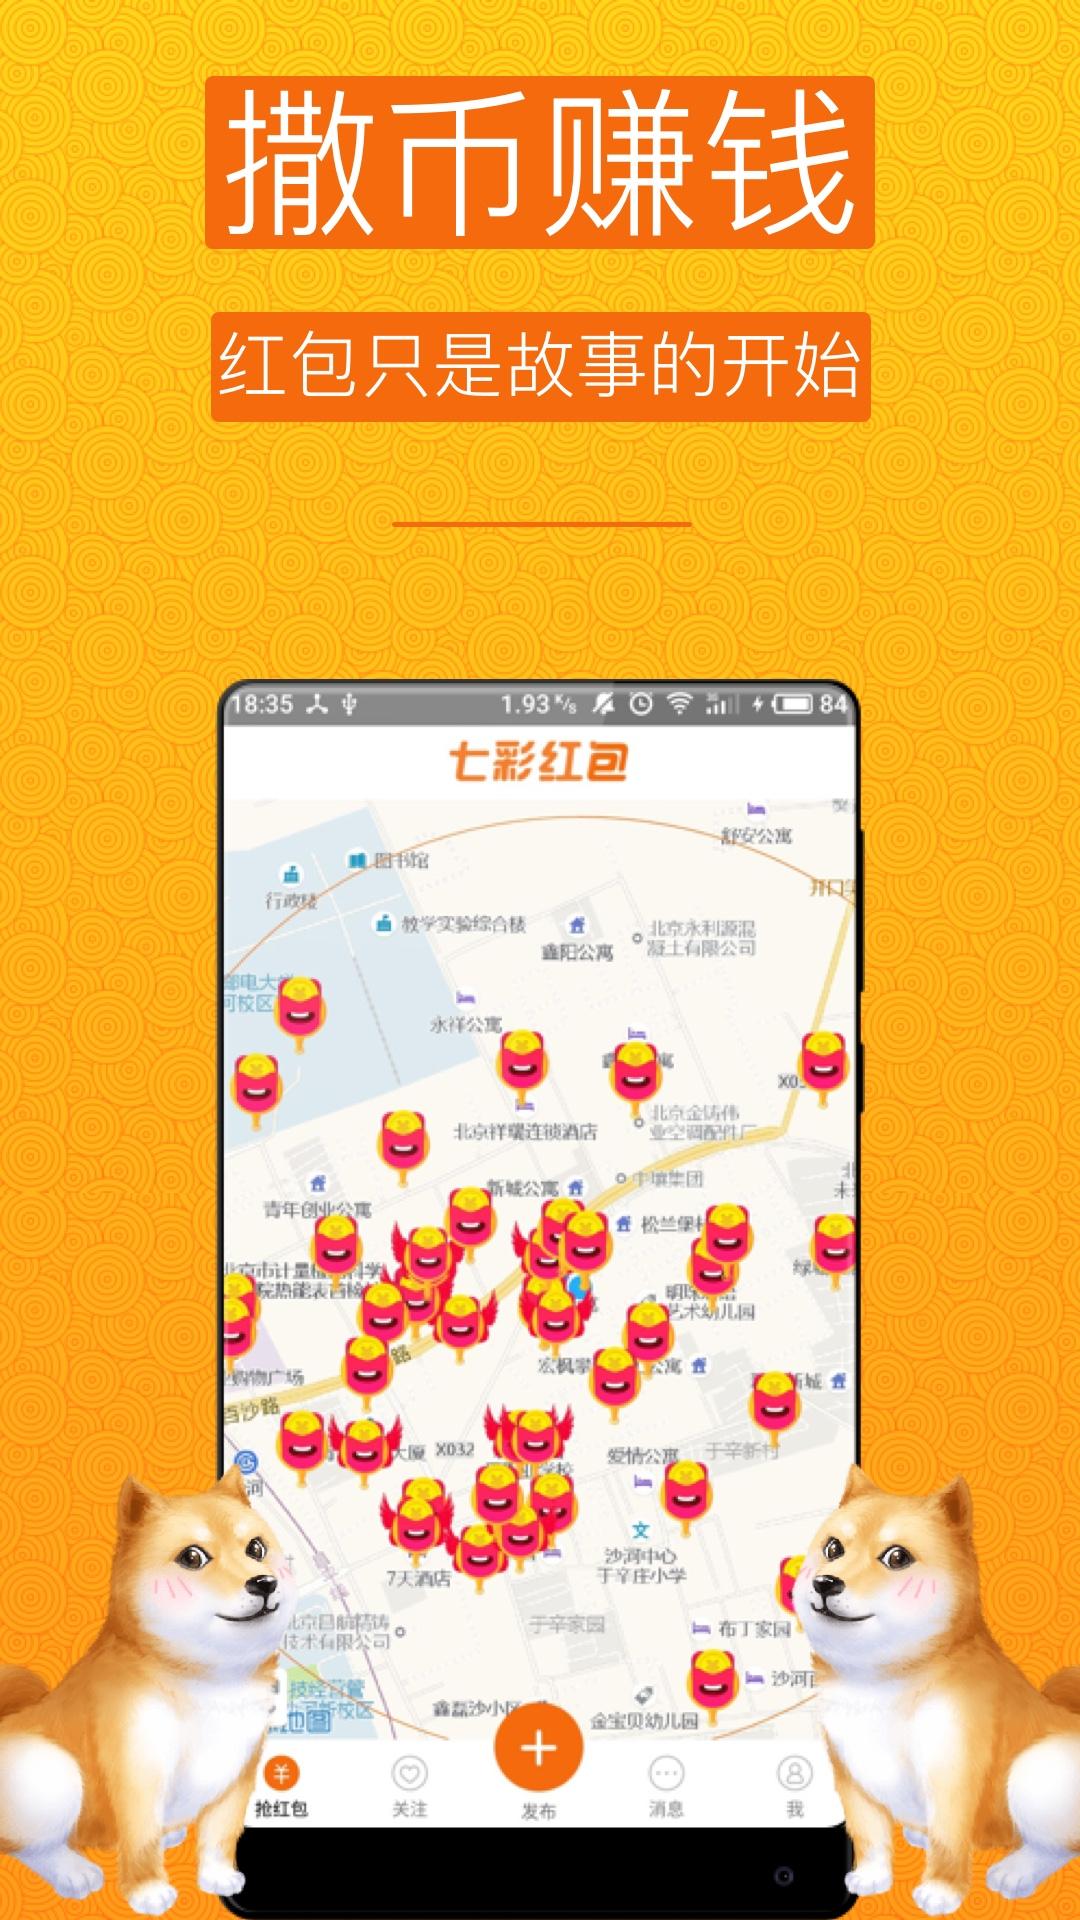 七彩红包-网赚赚钱截图